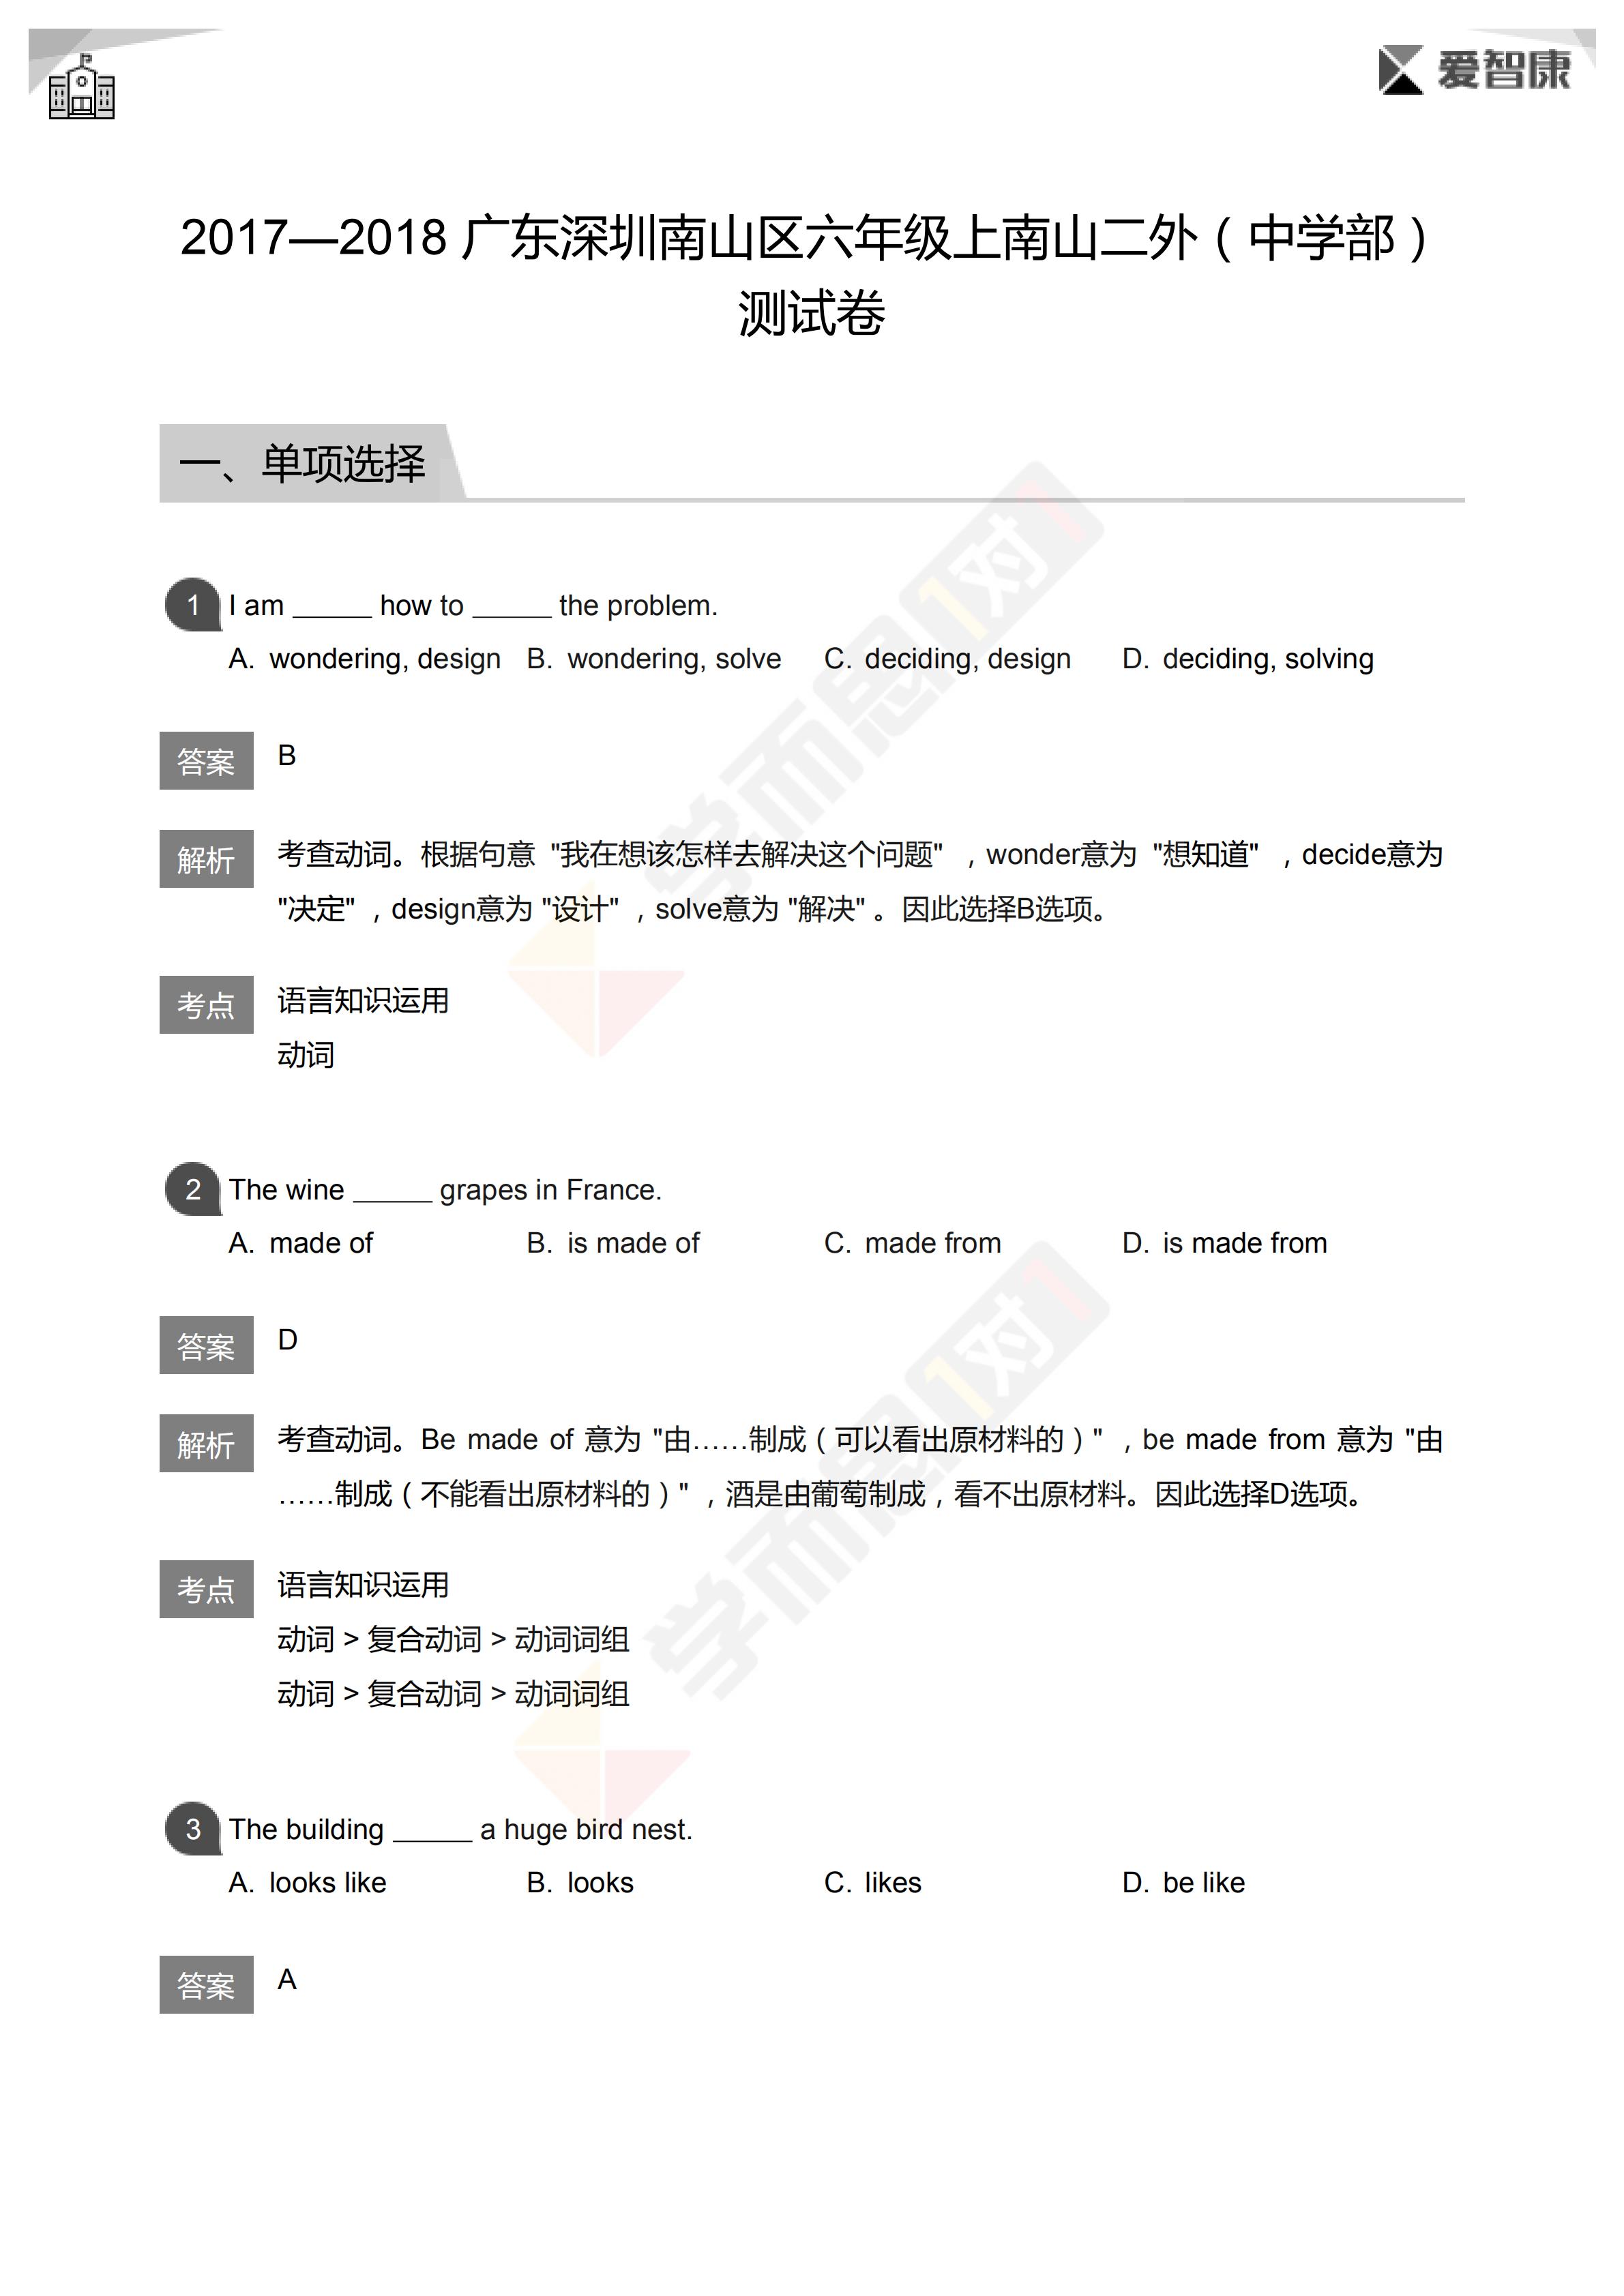 深圳南山区南山二外2018学年上学期期中考试小学六年级英语试卷及答案